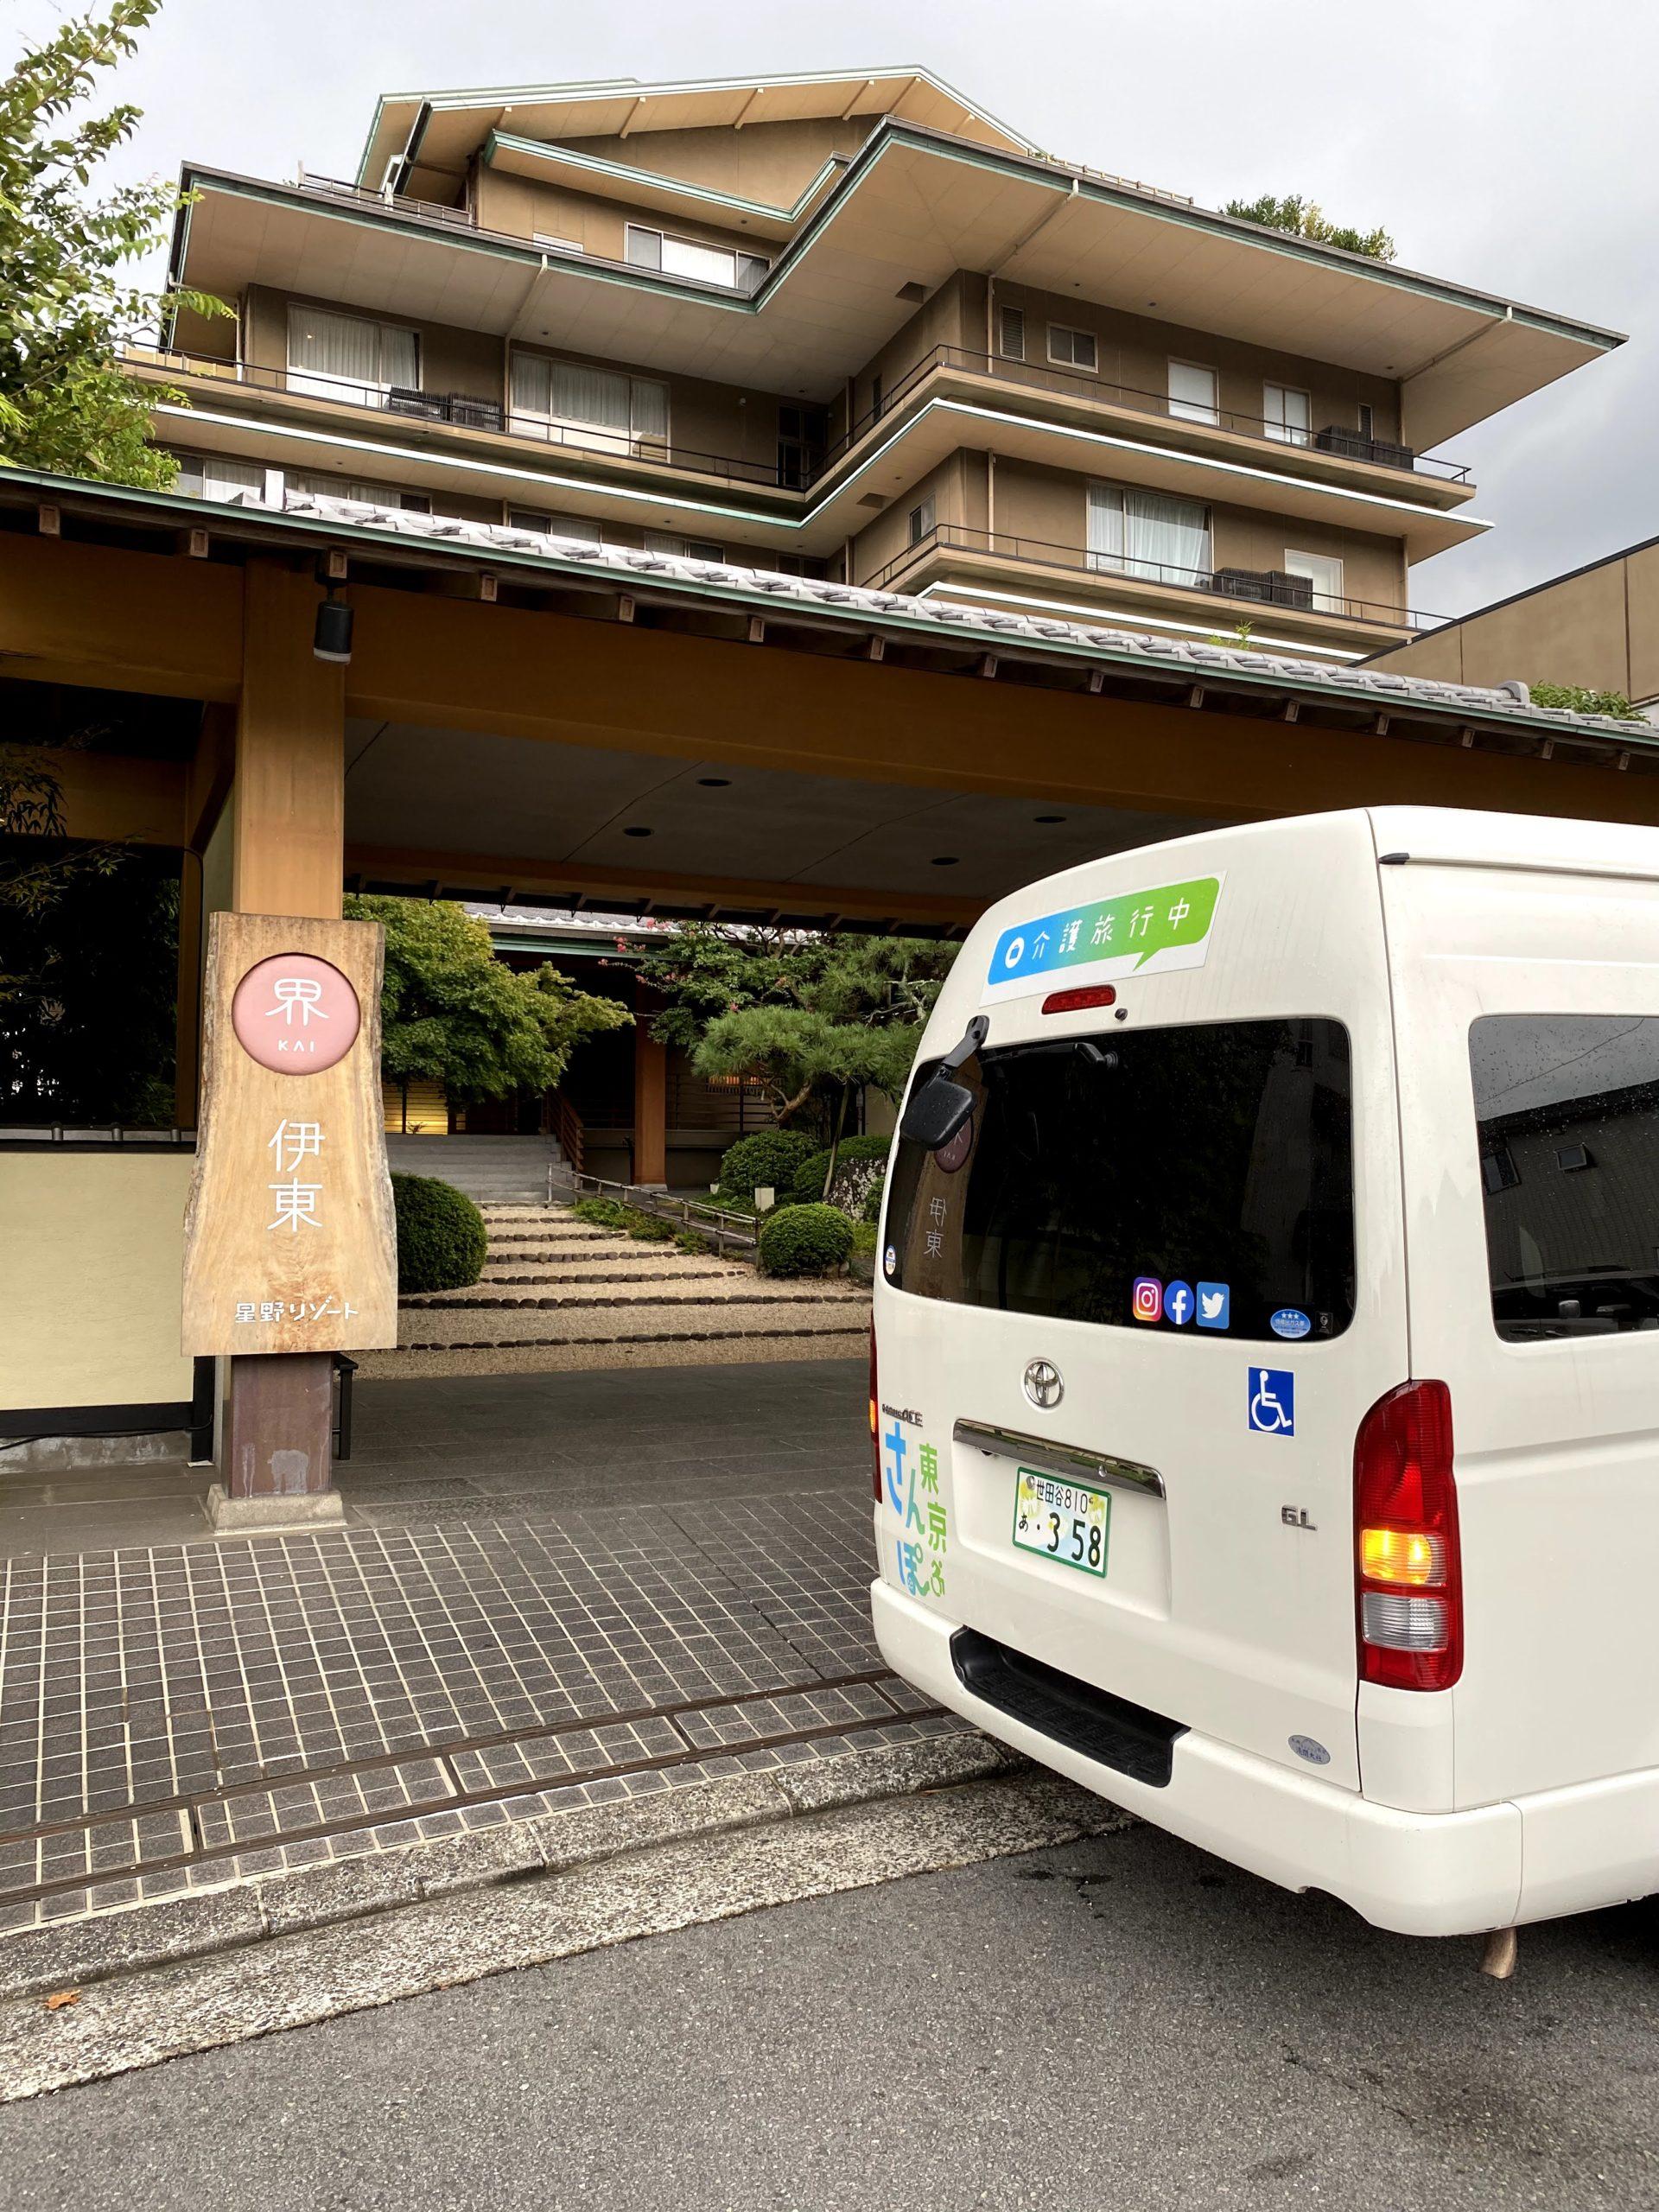 桜こみちハートフルトラベルで行く伊東温泉